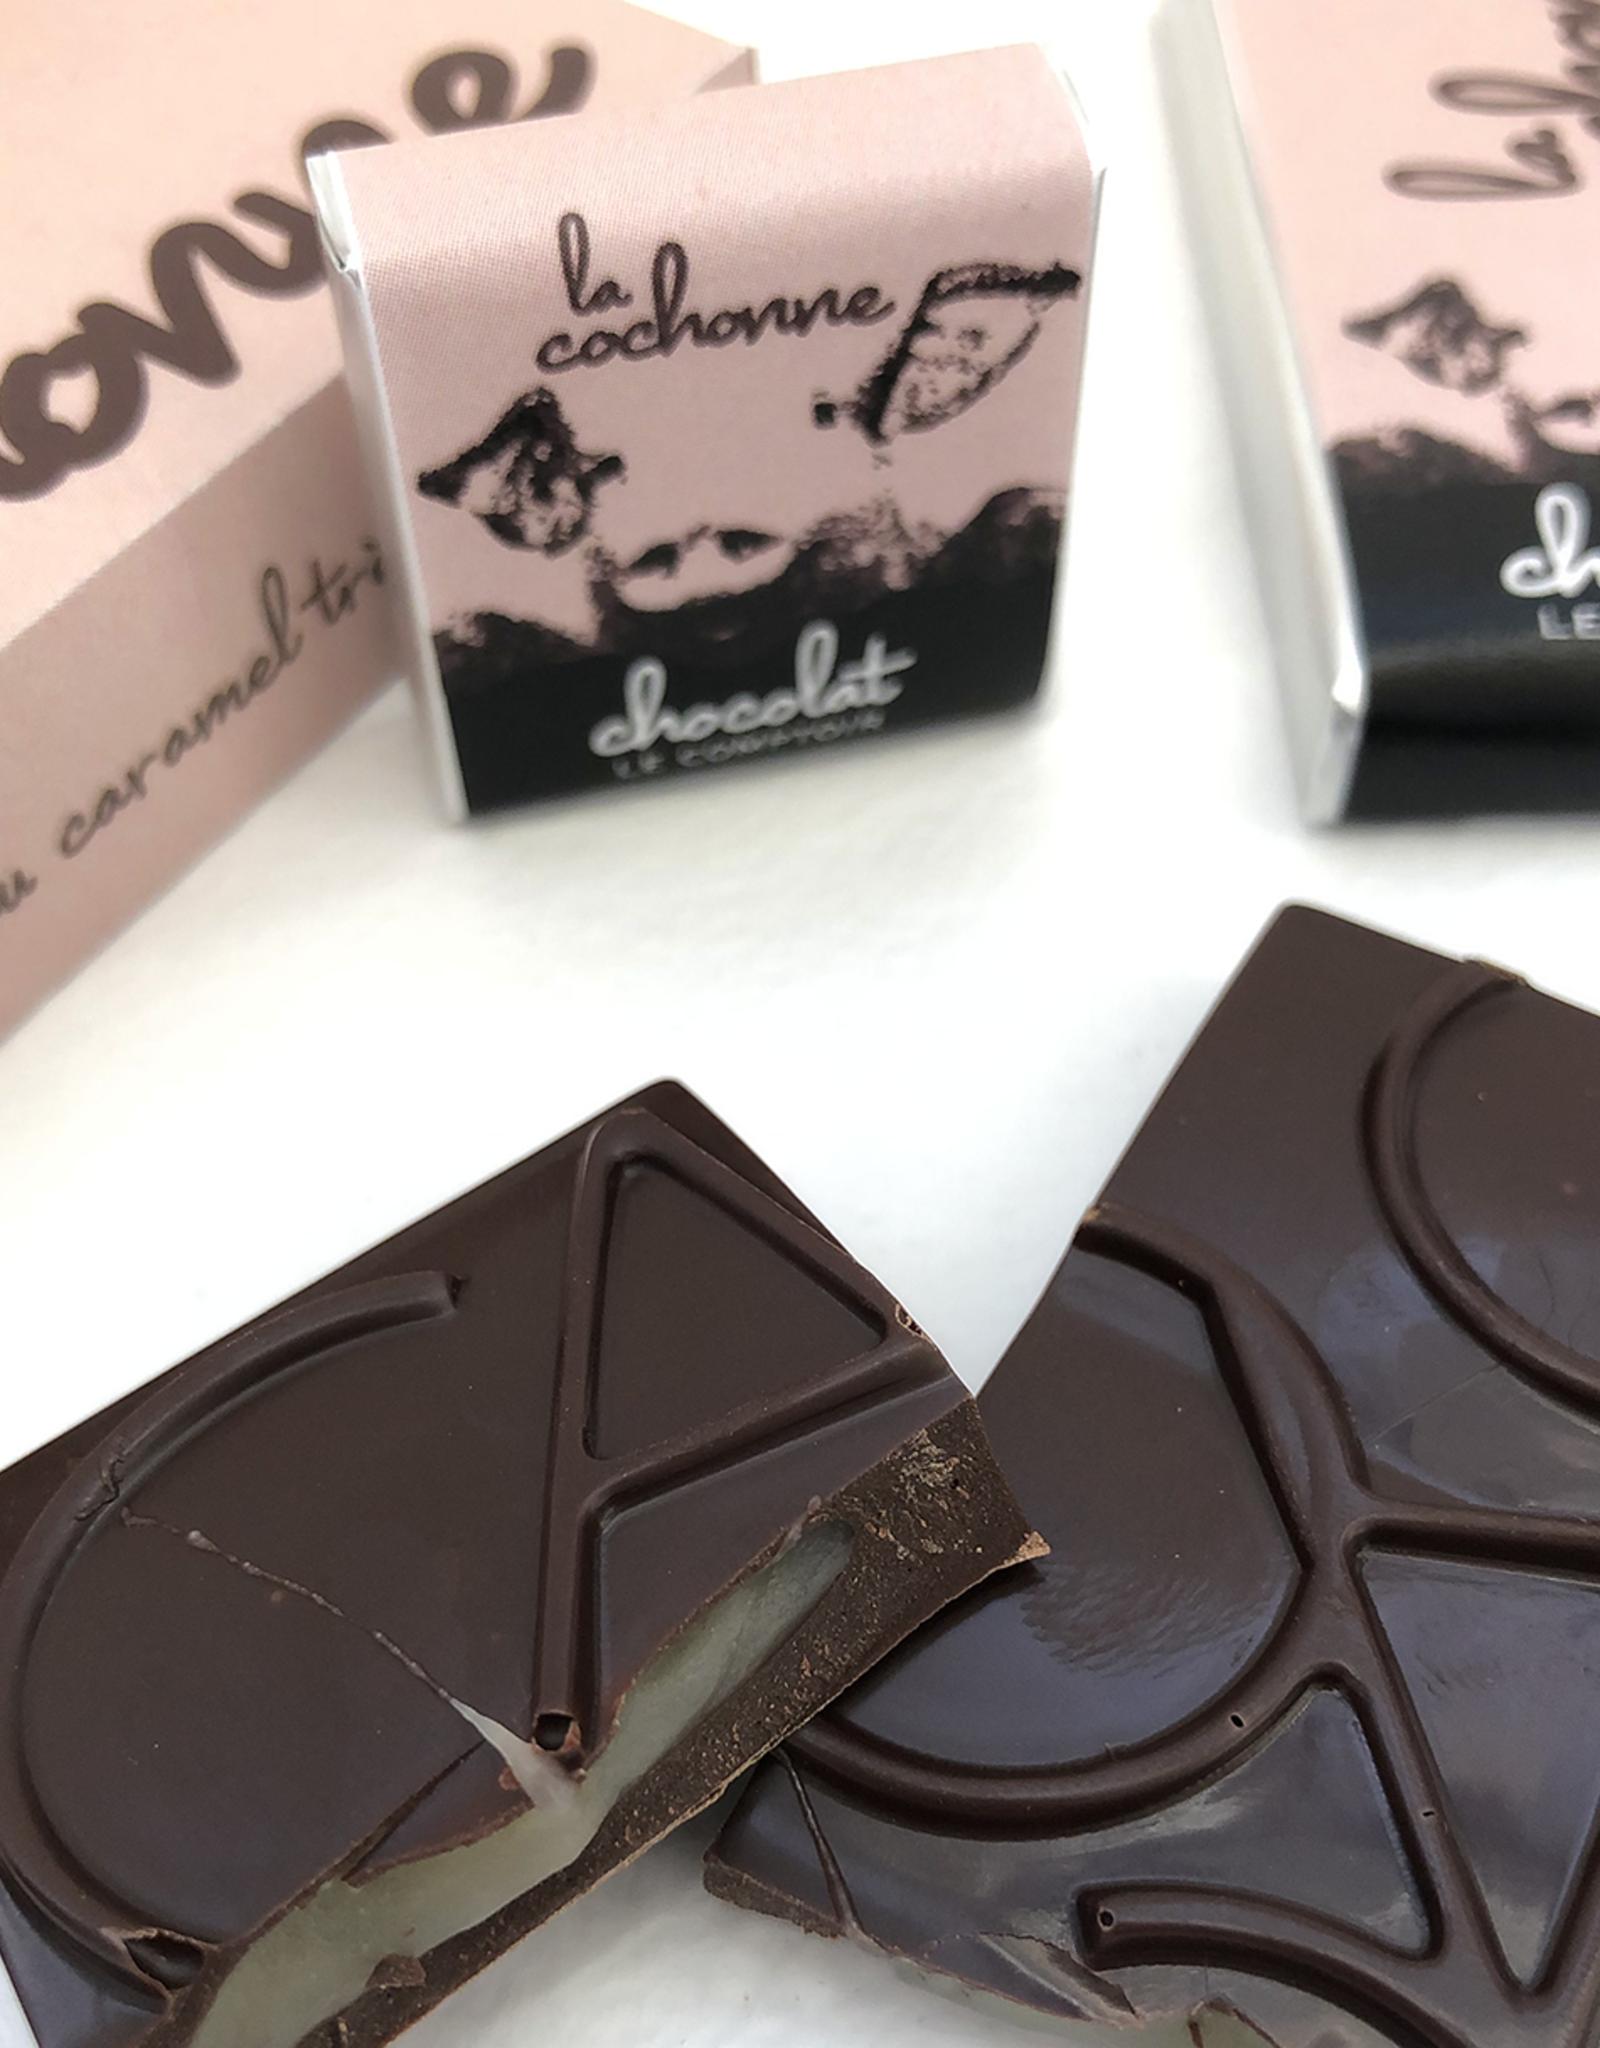 Le comptoir chocolat La mini cochonne